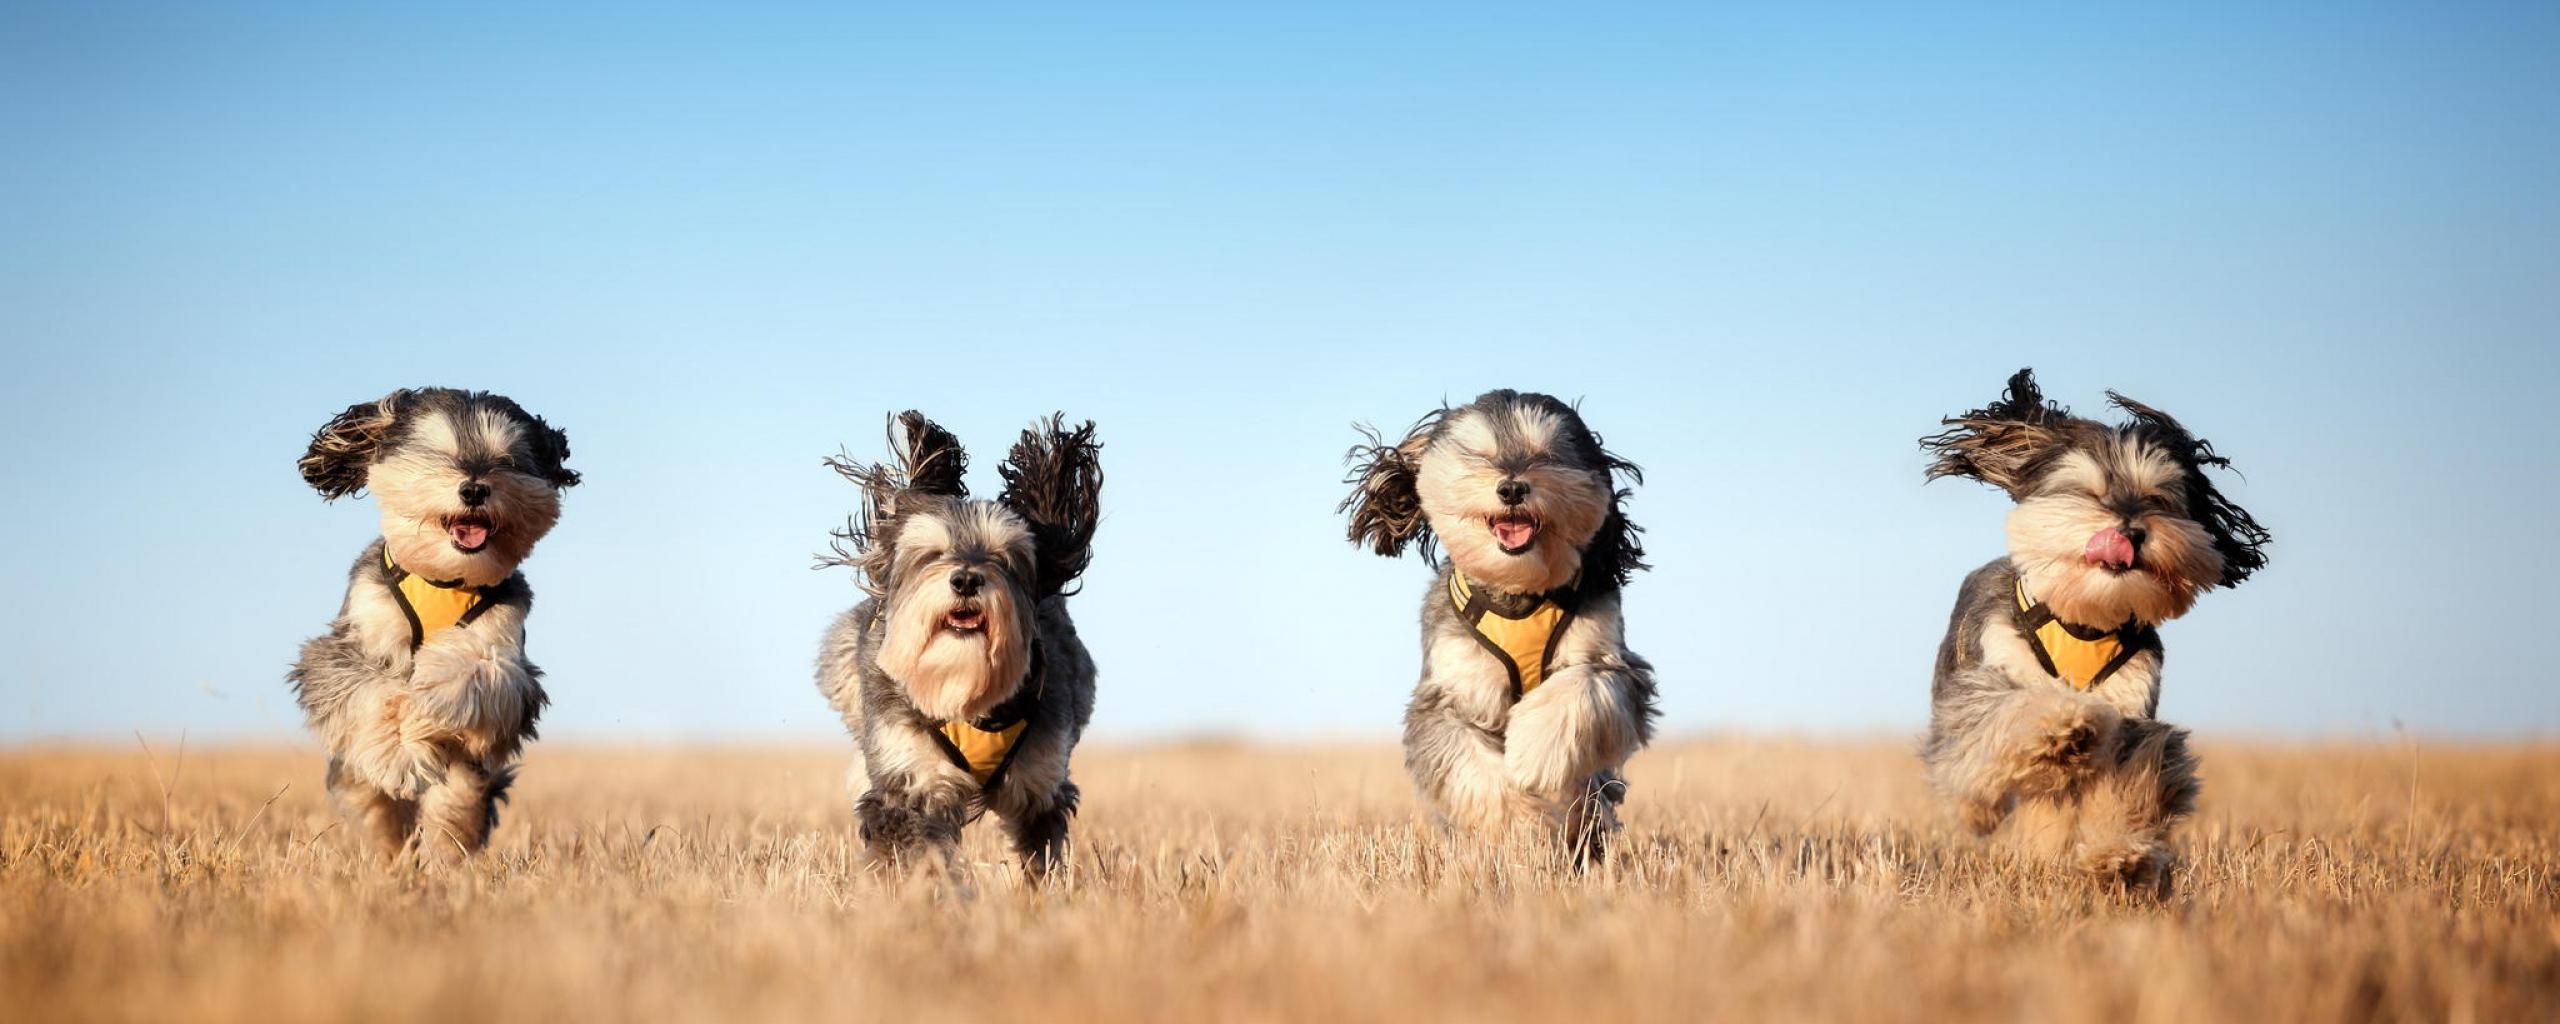 dog_run_grass_wind_93303_2560x1024